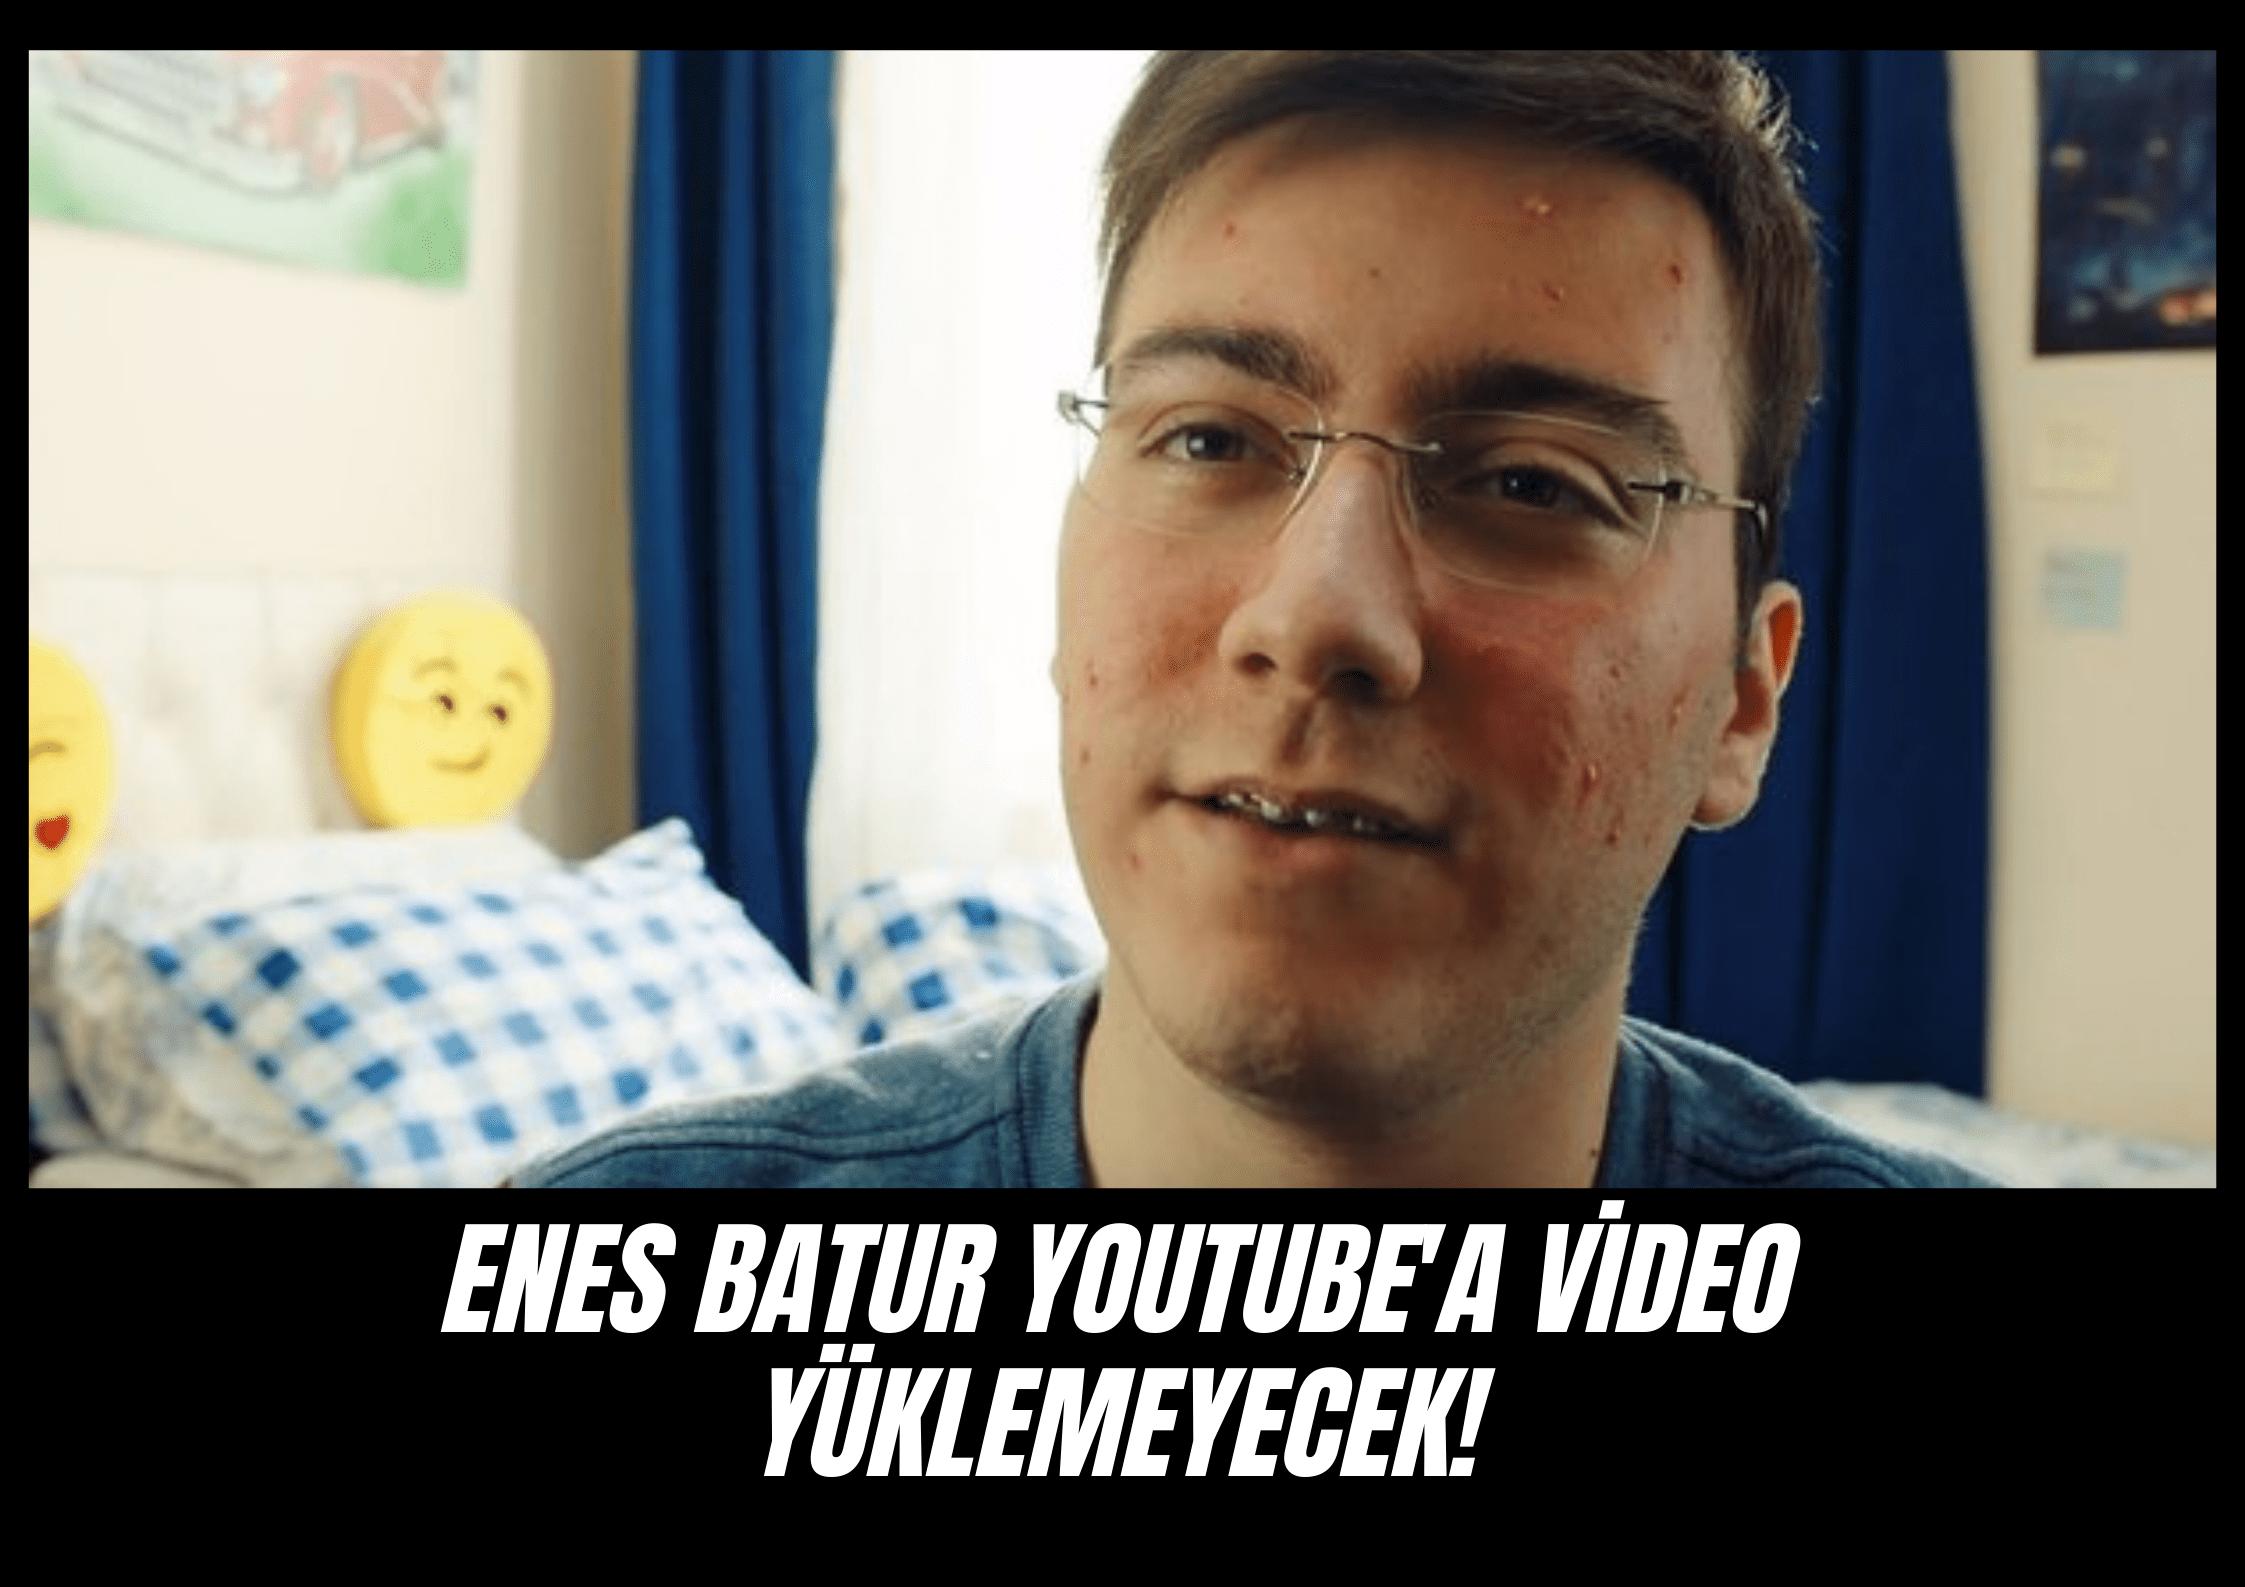 Unlu Youtuber Enes Baturun sinir krizi gecirten Youtube yasagi